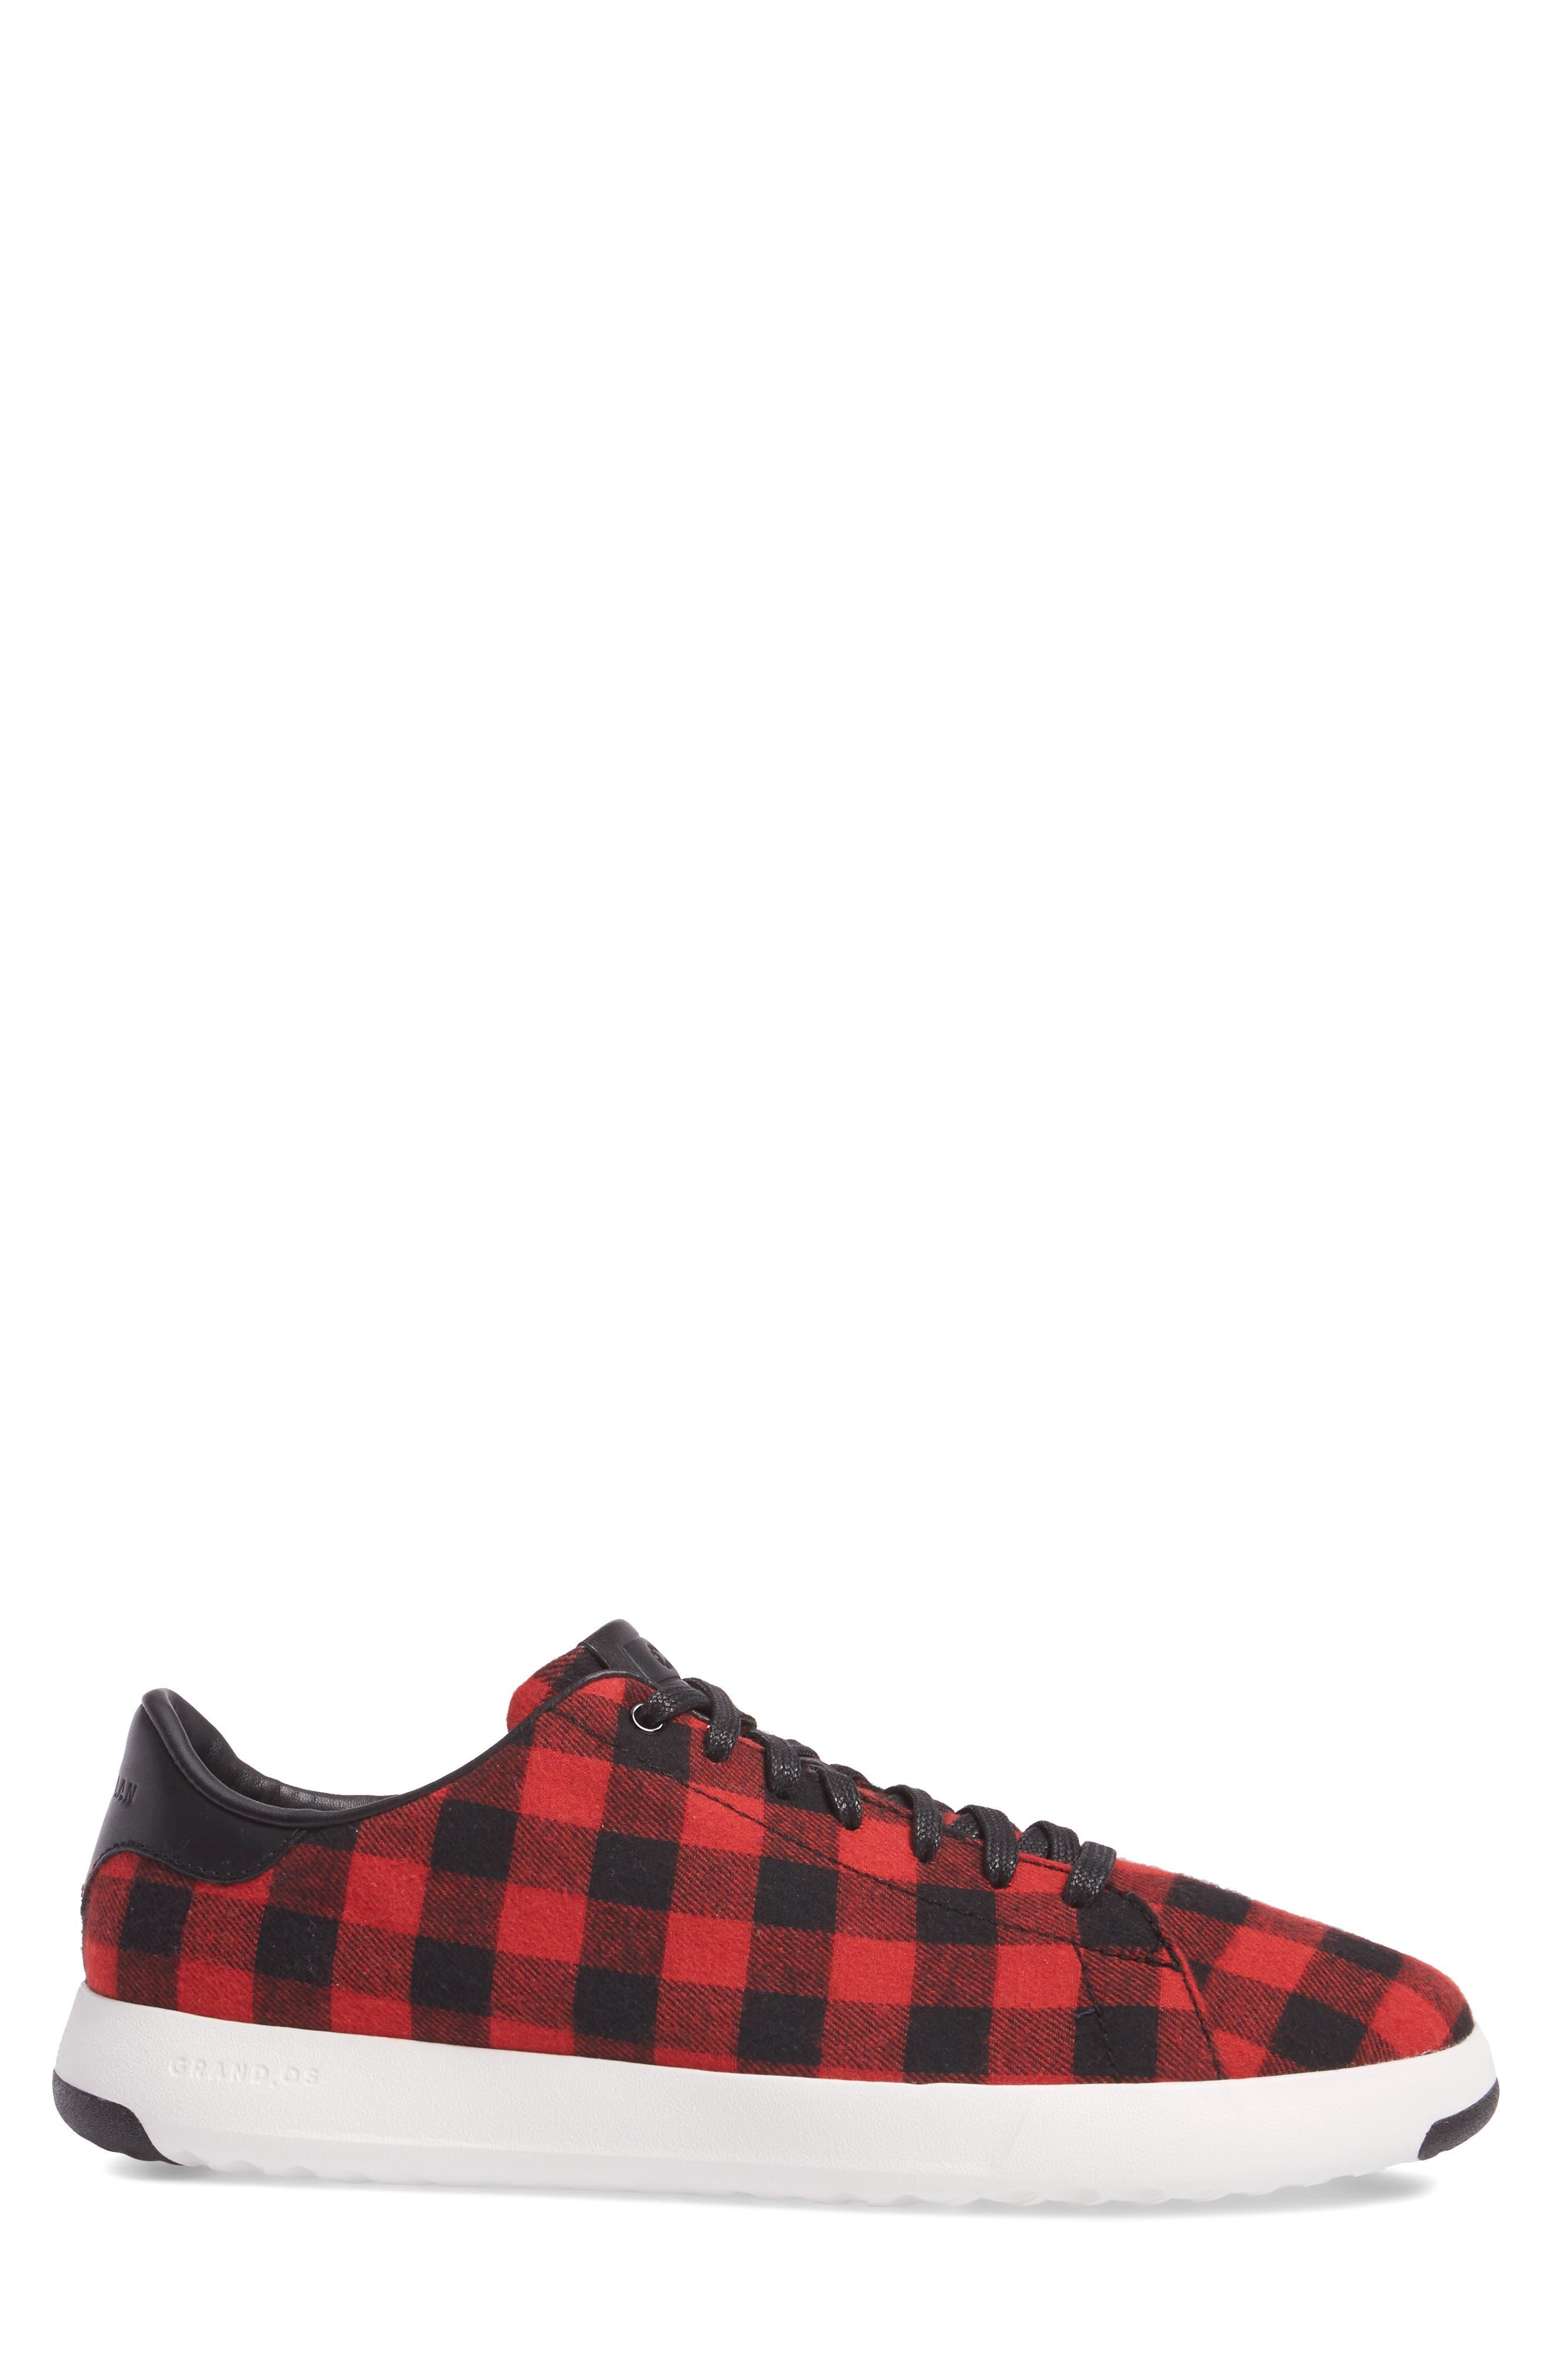 Alternate Image 3  - Cole Haan GrandPro Tennis Sneaker (Men)